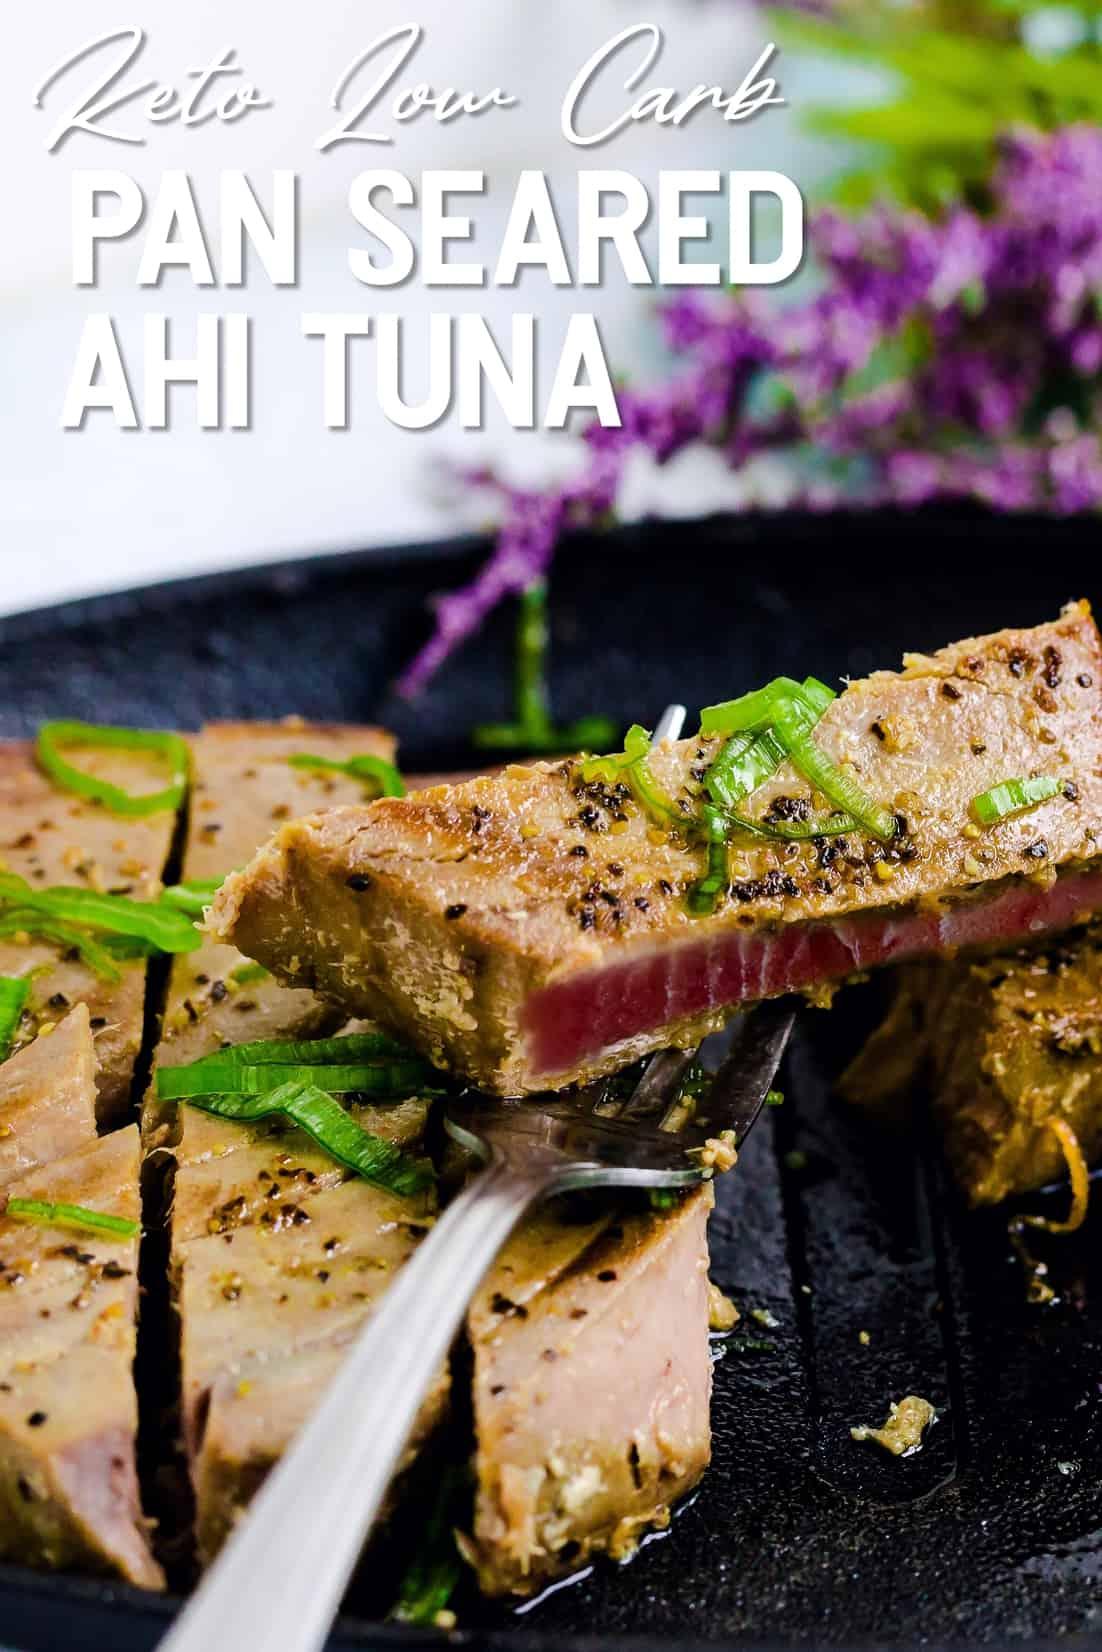 Pan Seared Ahi Tuna